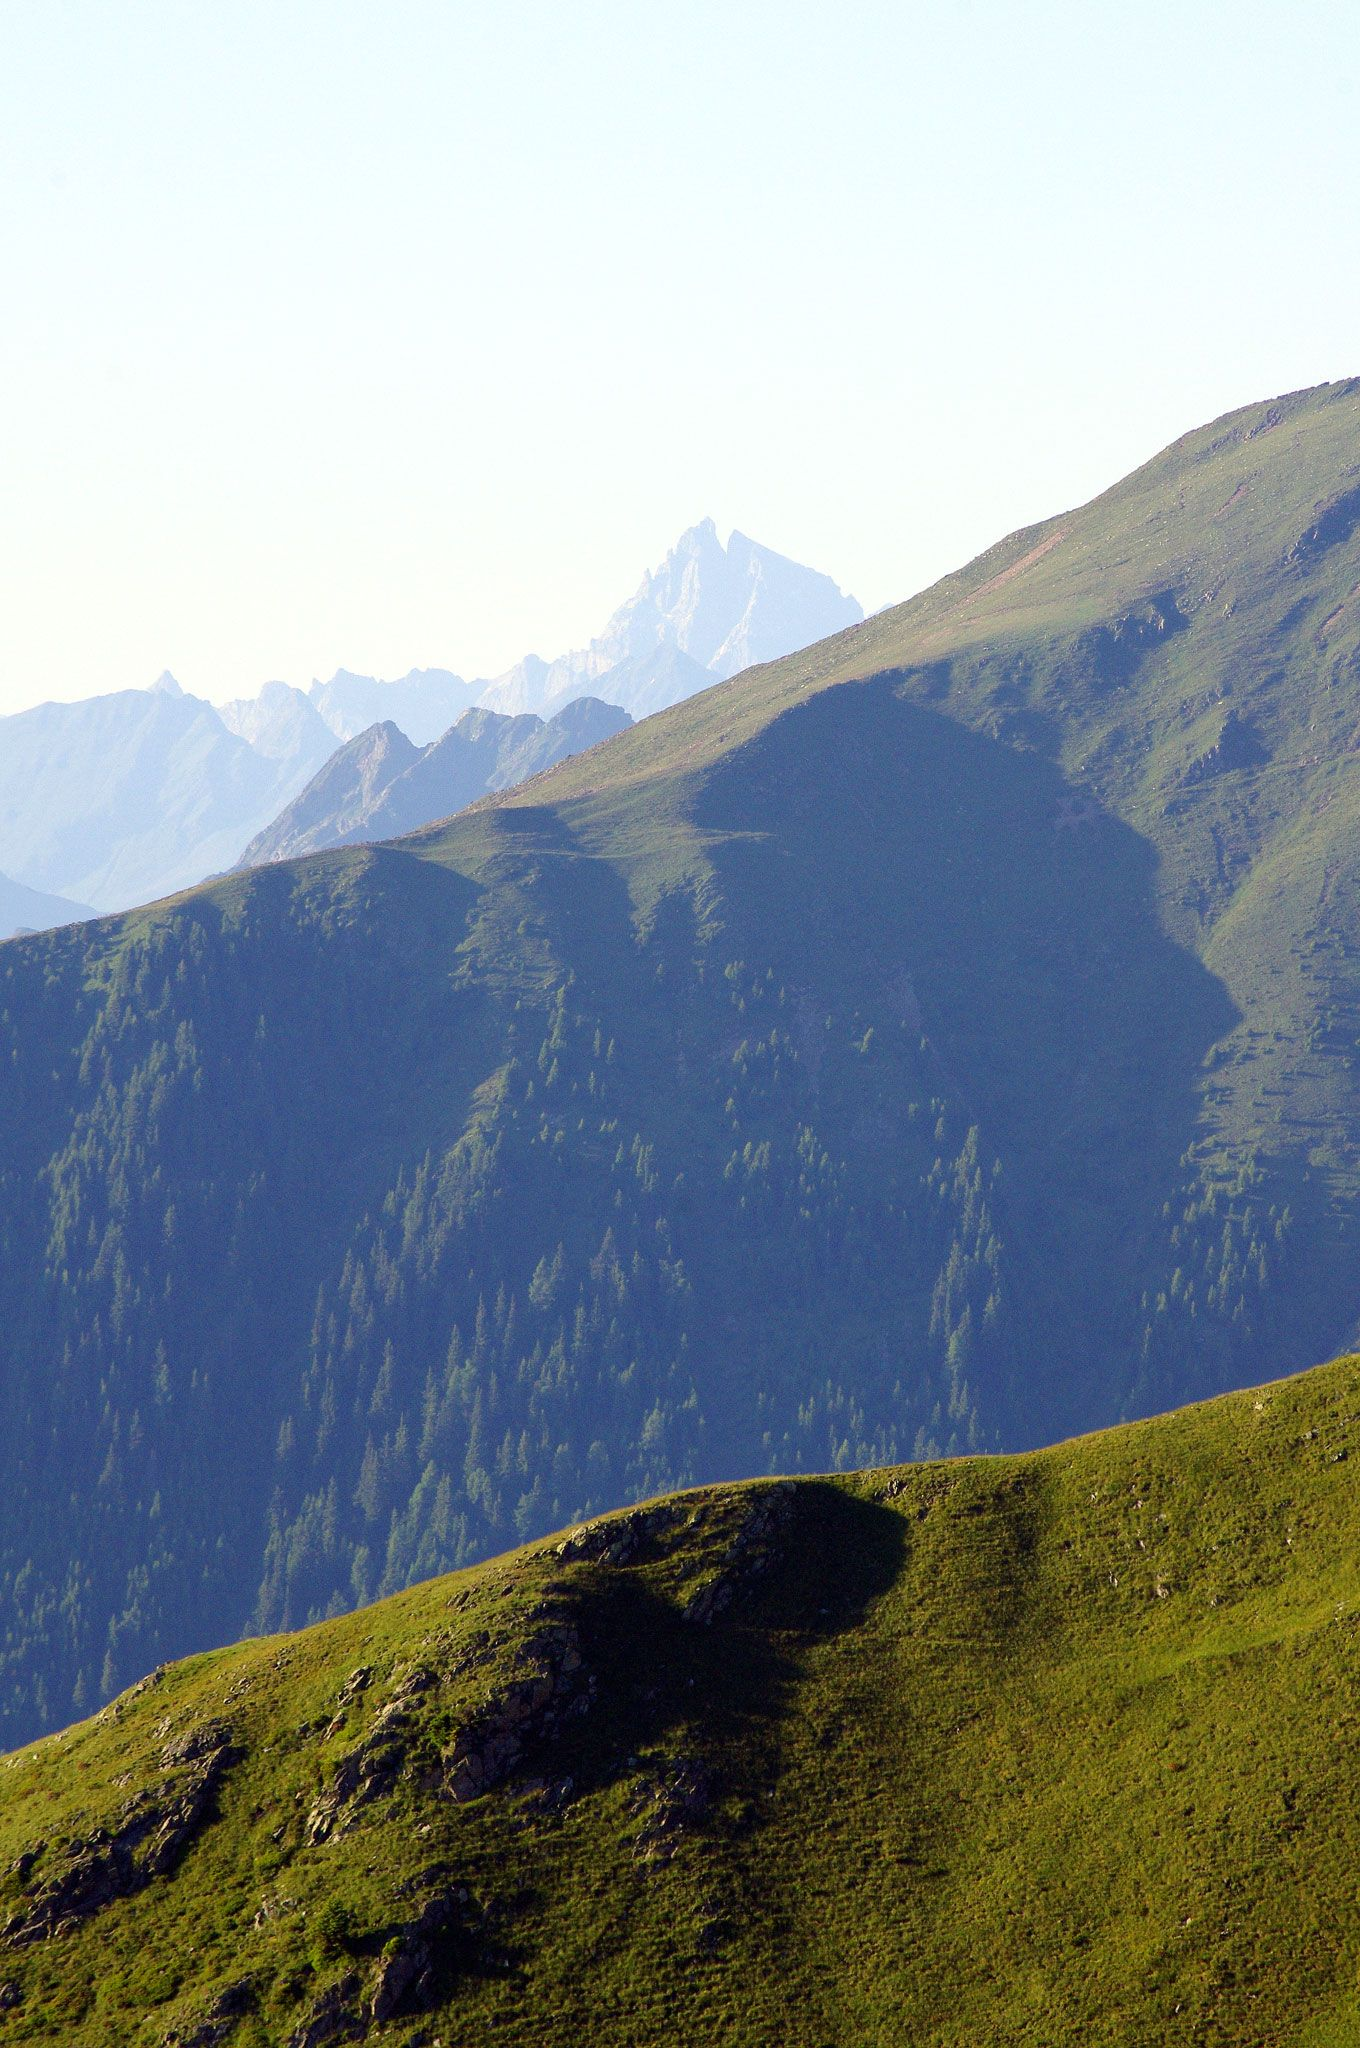 CIMA LAVAND (2255m) | SNOWCAMPITALY | Cima Lavand è la parte più elevata di una lunga e panoramica dorsale che si raccorda al massiccio granitico del Picco Ivigna (2581m). La particolare disposizione e la quota contenuta consentono di godere di un colpo d'occhio mozzafiato non solo su Alpi Passirie, Venoste, Dolomiti Orientali e Gruppo dell'Ortles, ma anche sull'intero Burgraviato e sulle valli che vi confluiscono. http://www.snowcamp.it/?p=3412